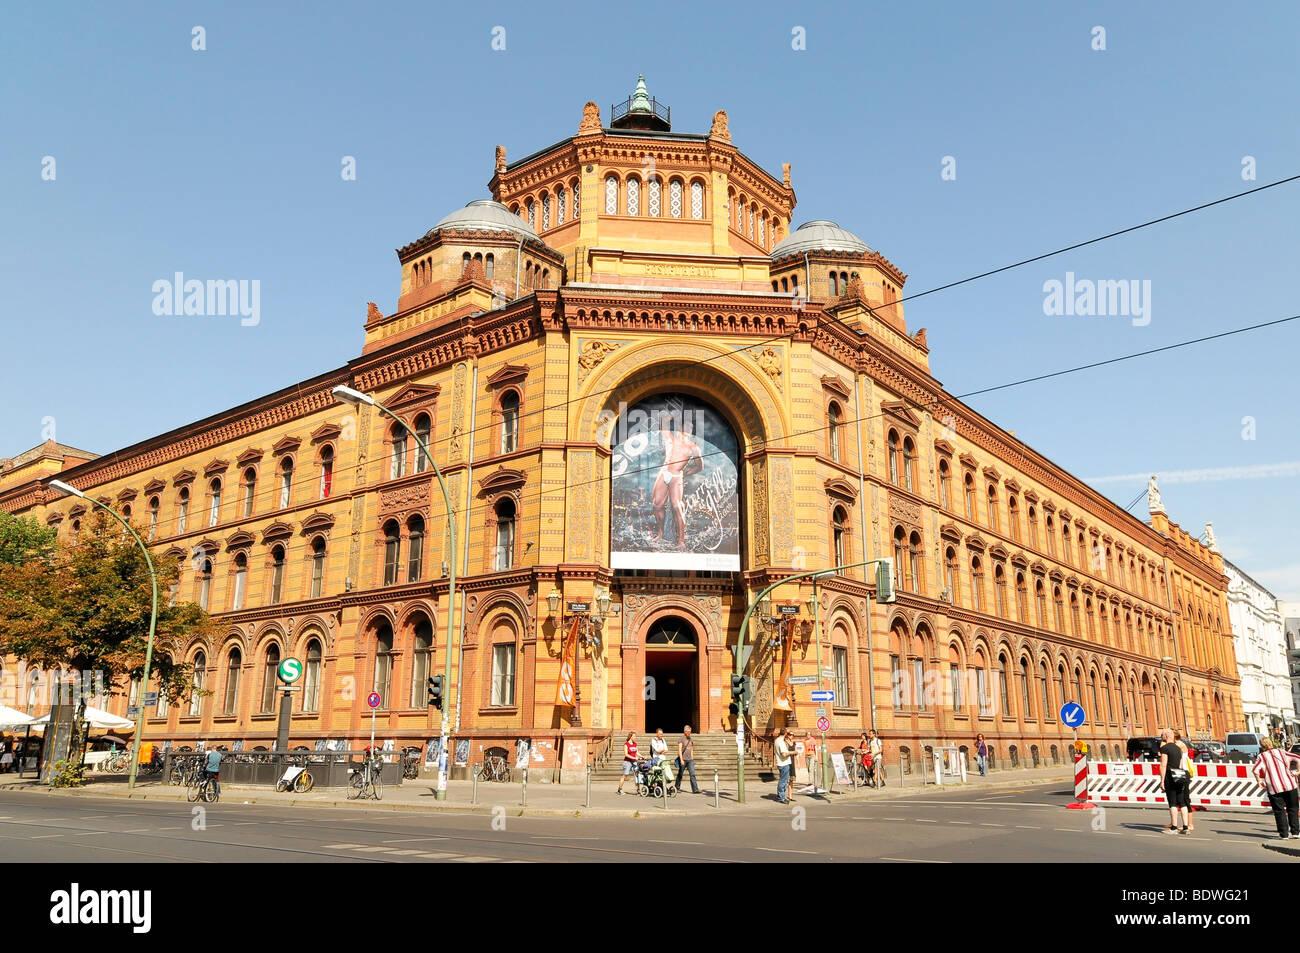 Postfuhramt, Postamt, erbaut 1875-1881 der Bundeshauptstadt, Berlin, Deutschland, Europa Stockbild